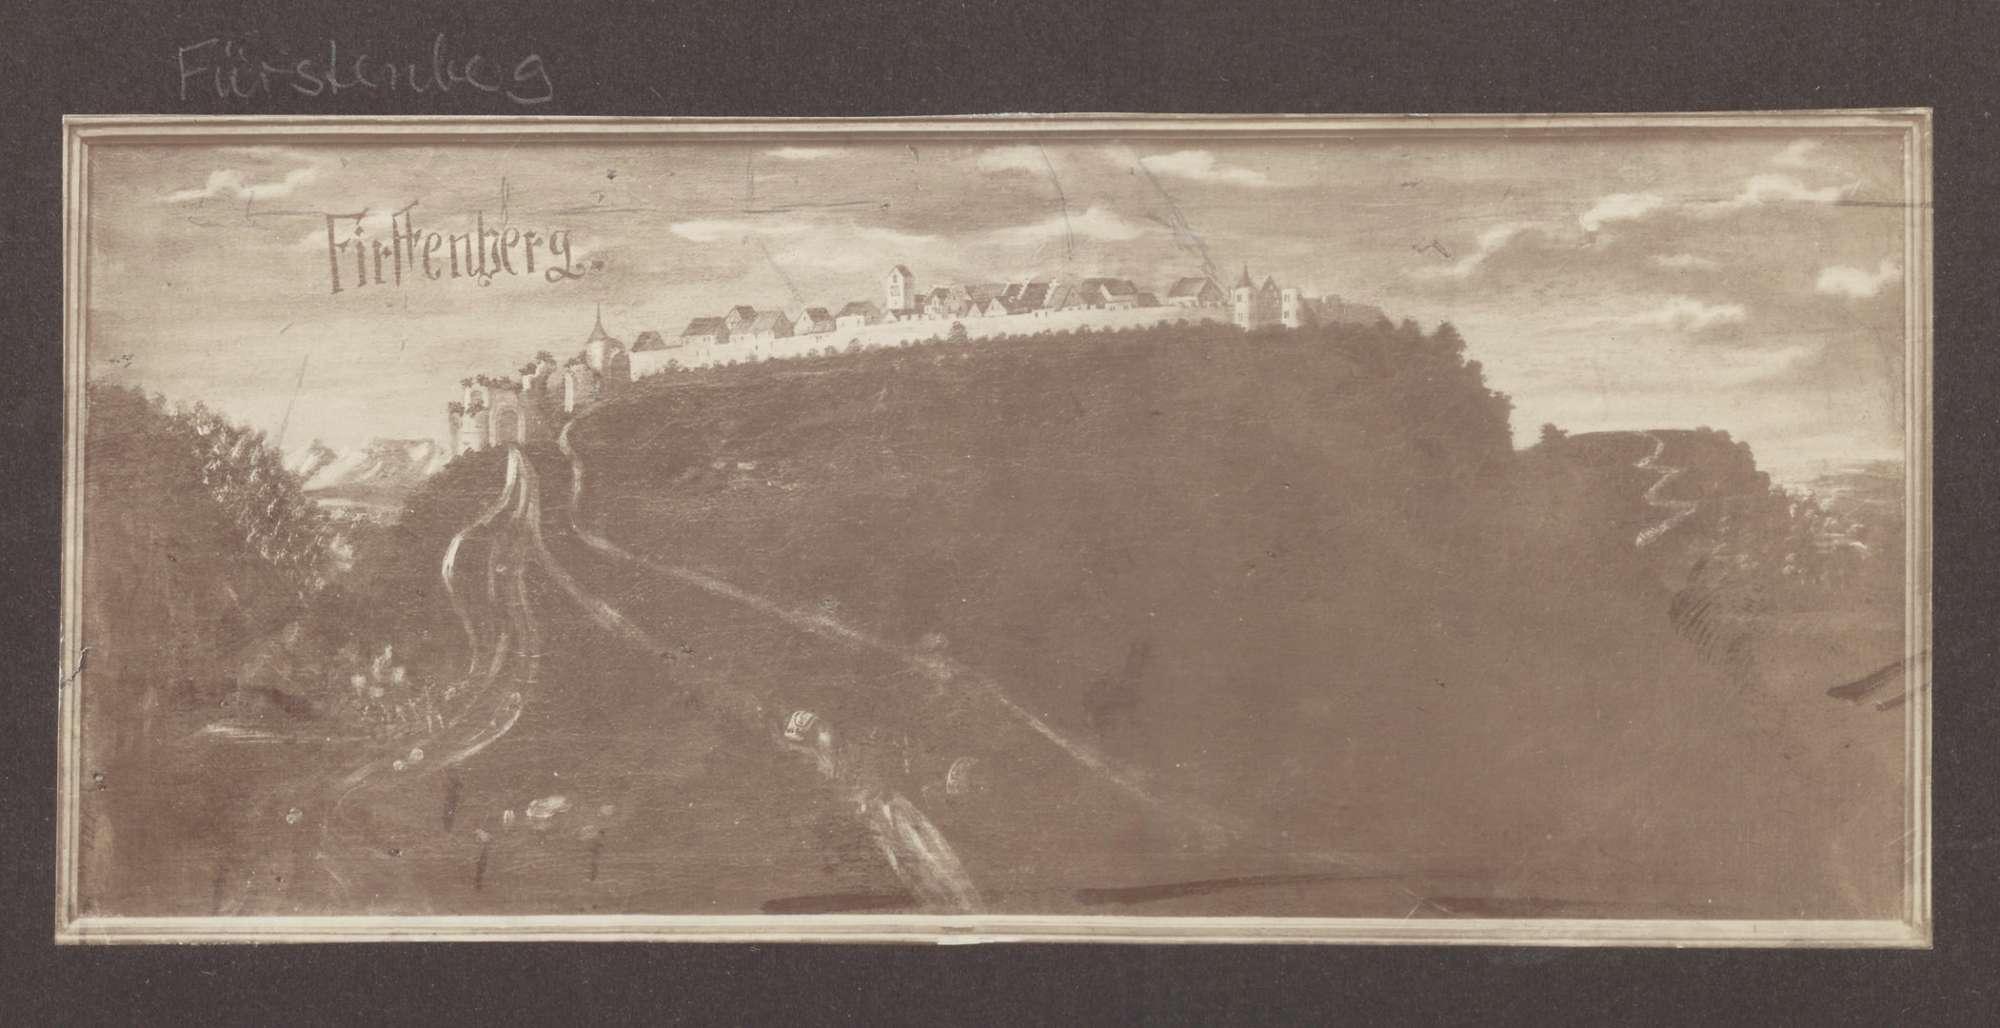 Firstenberg [Fürstenberg], Bild 1